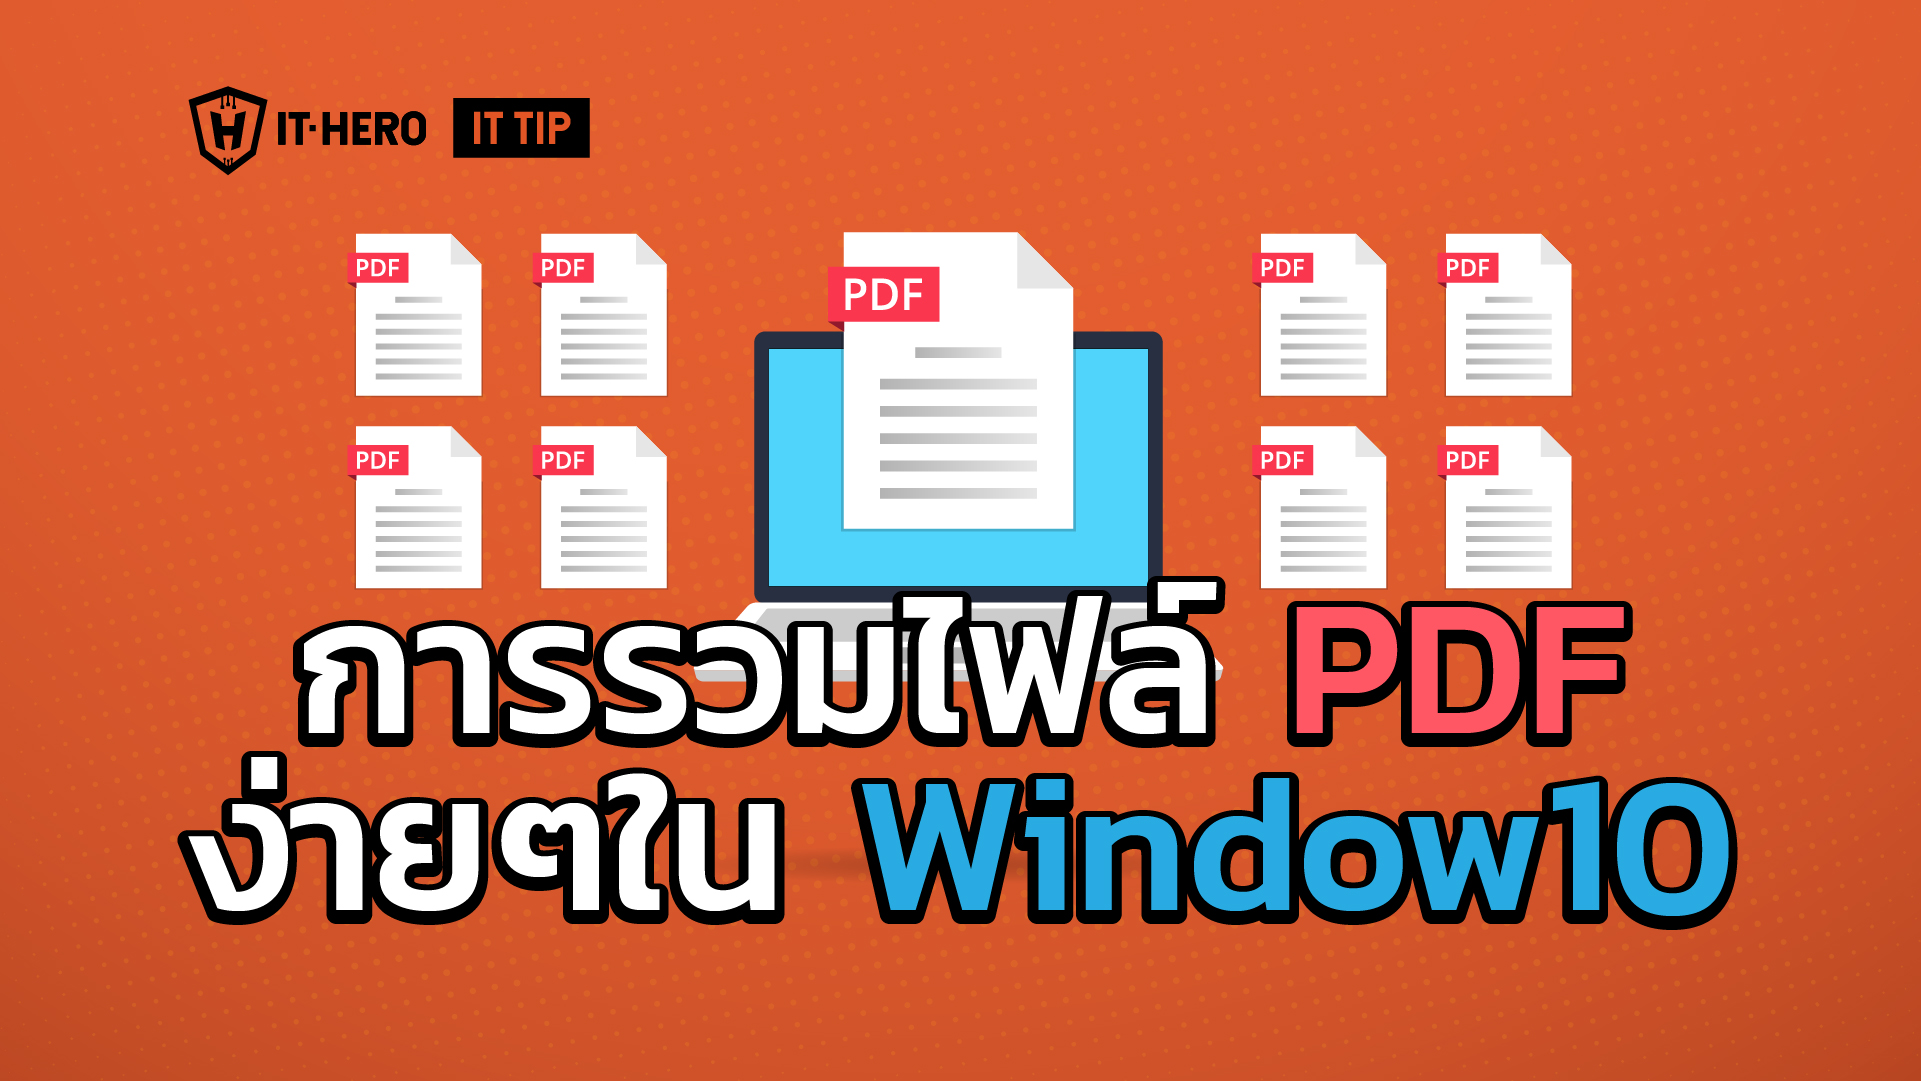 การรวมไฟล์ PDF มีใน Windows 10 ง่ายๆ